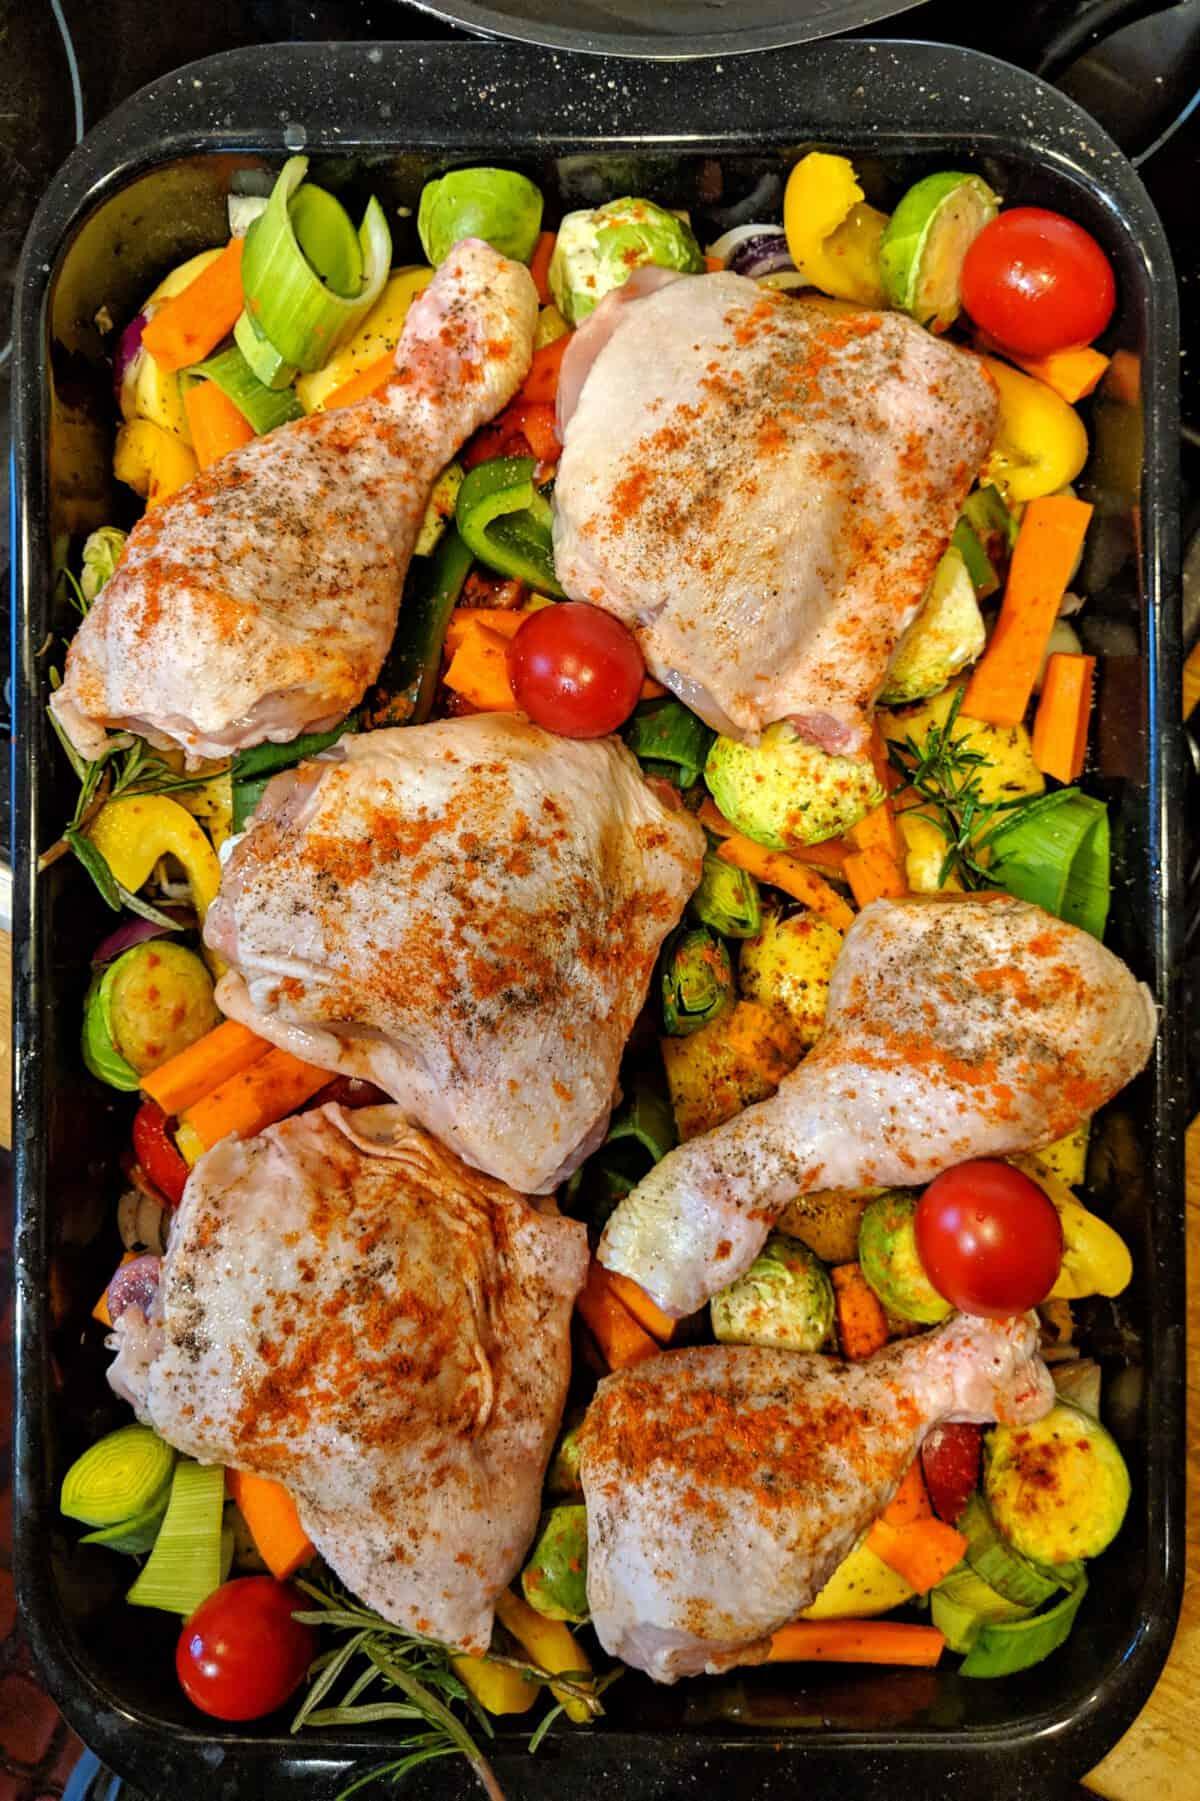 Eine Auflaufform mit Ofen gebackenes Hähnchen mit Gemüse und Kartoffeln vor dem Backen im Backofen.